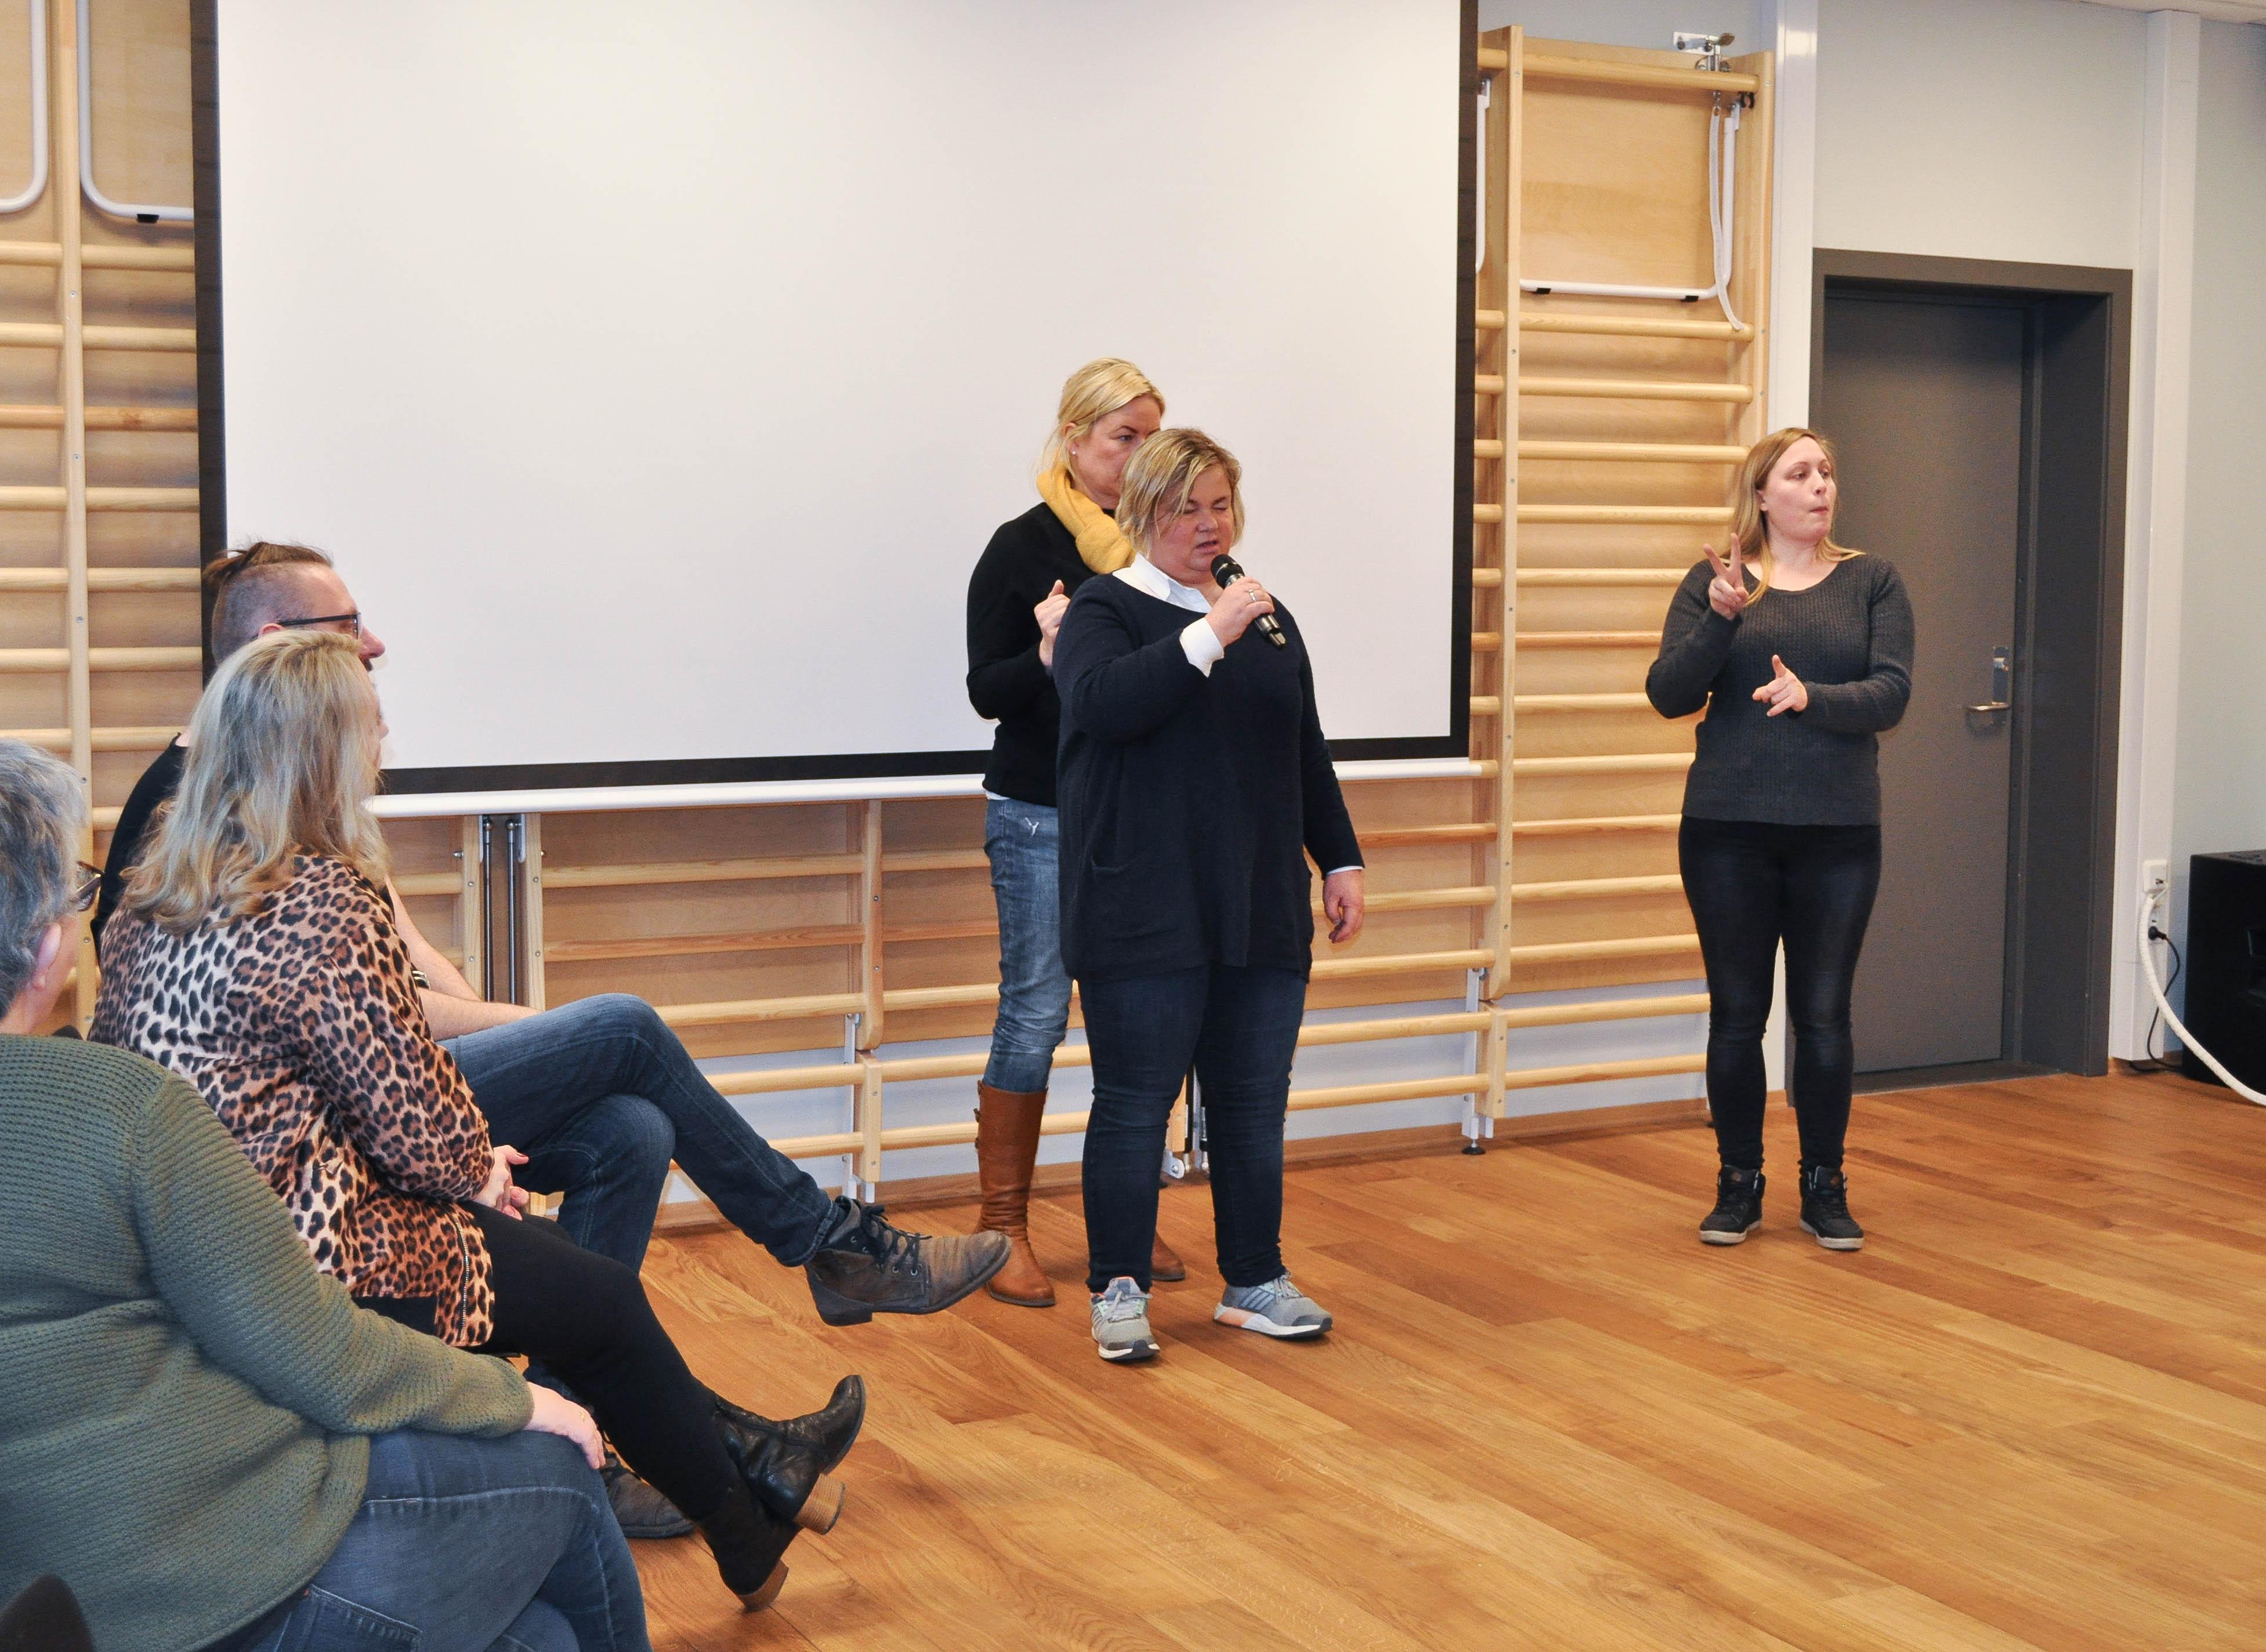 Bruker forteller om sine opplevelser. Hun får haptisk tolkning på ryggen og vanlig tolk til høyre. Tre lyttere til venstre.